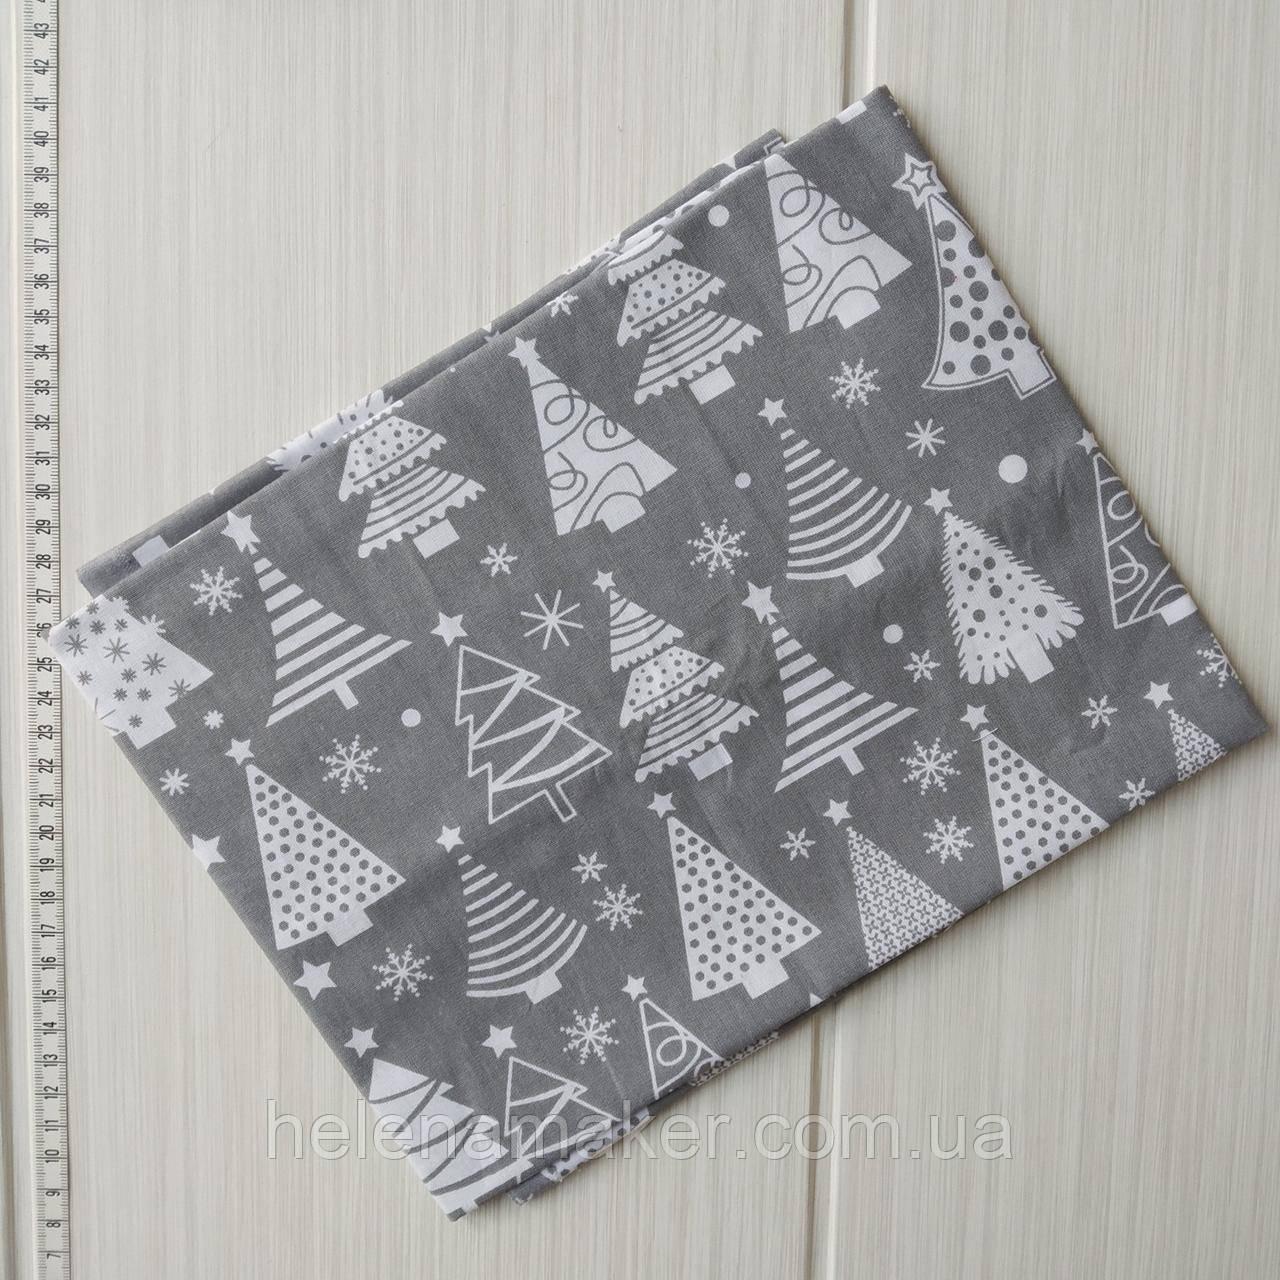 Новогодняя ткань Белые елочки на сером 50*50 см